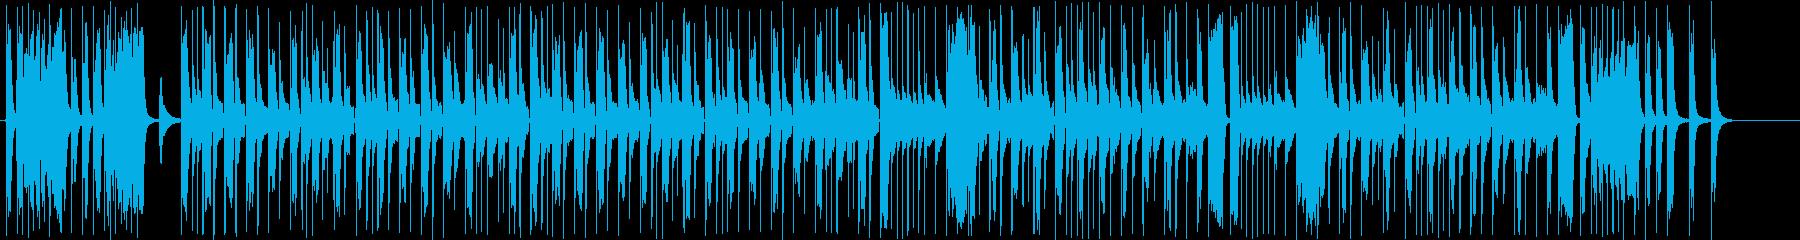 ゆるキャラのような可愛いBGMの再生済みの波形